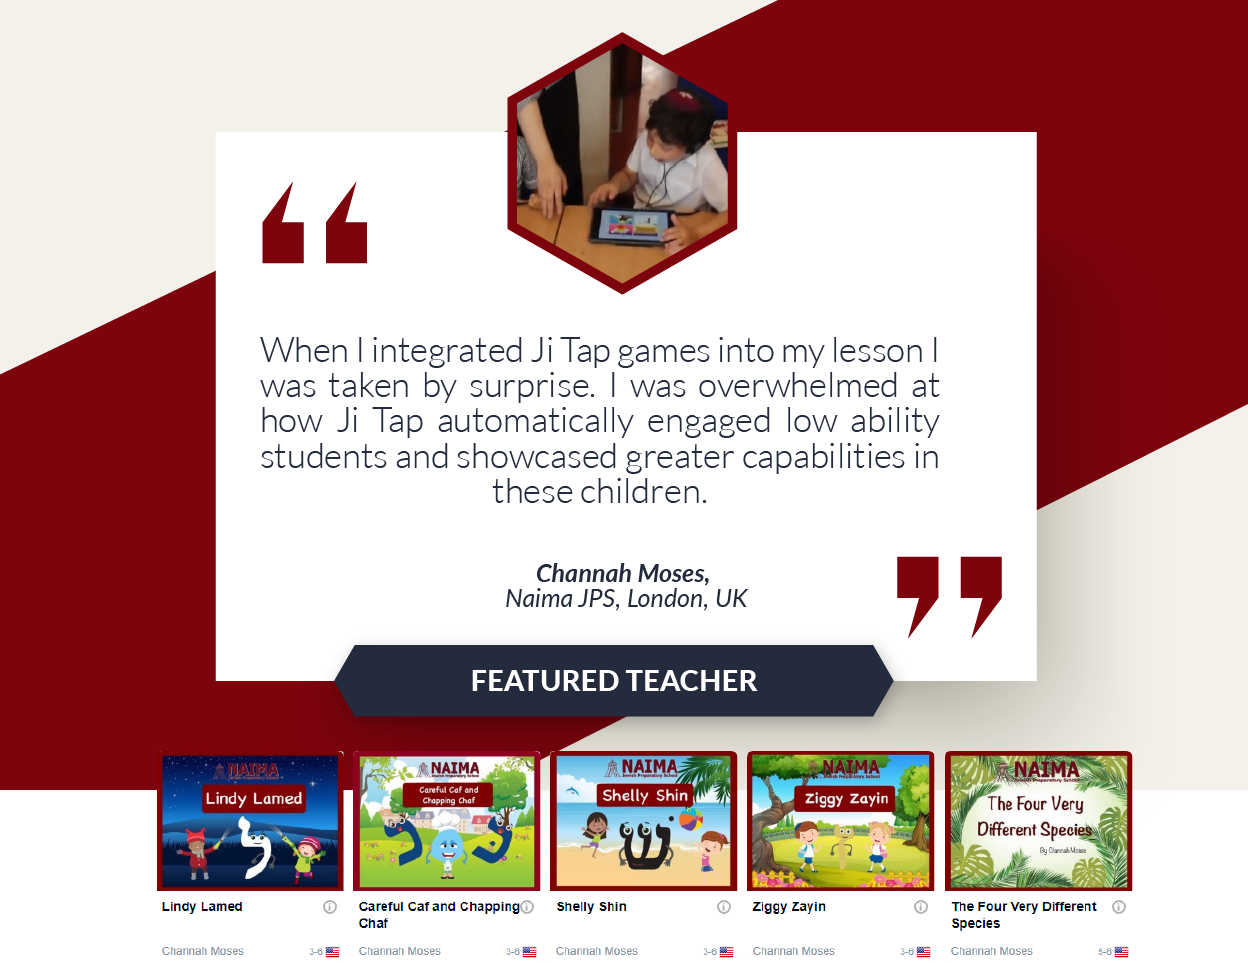 featured_teacher2.png